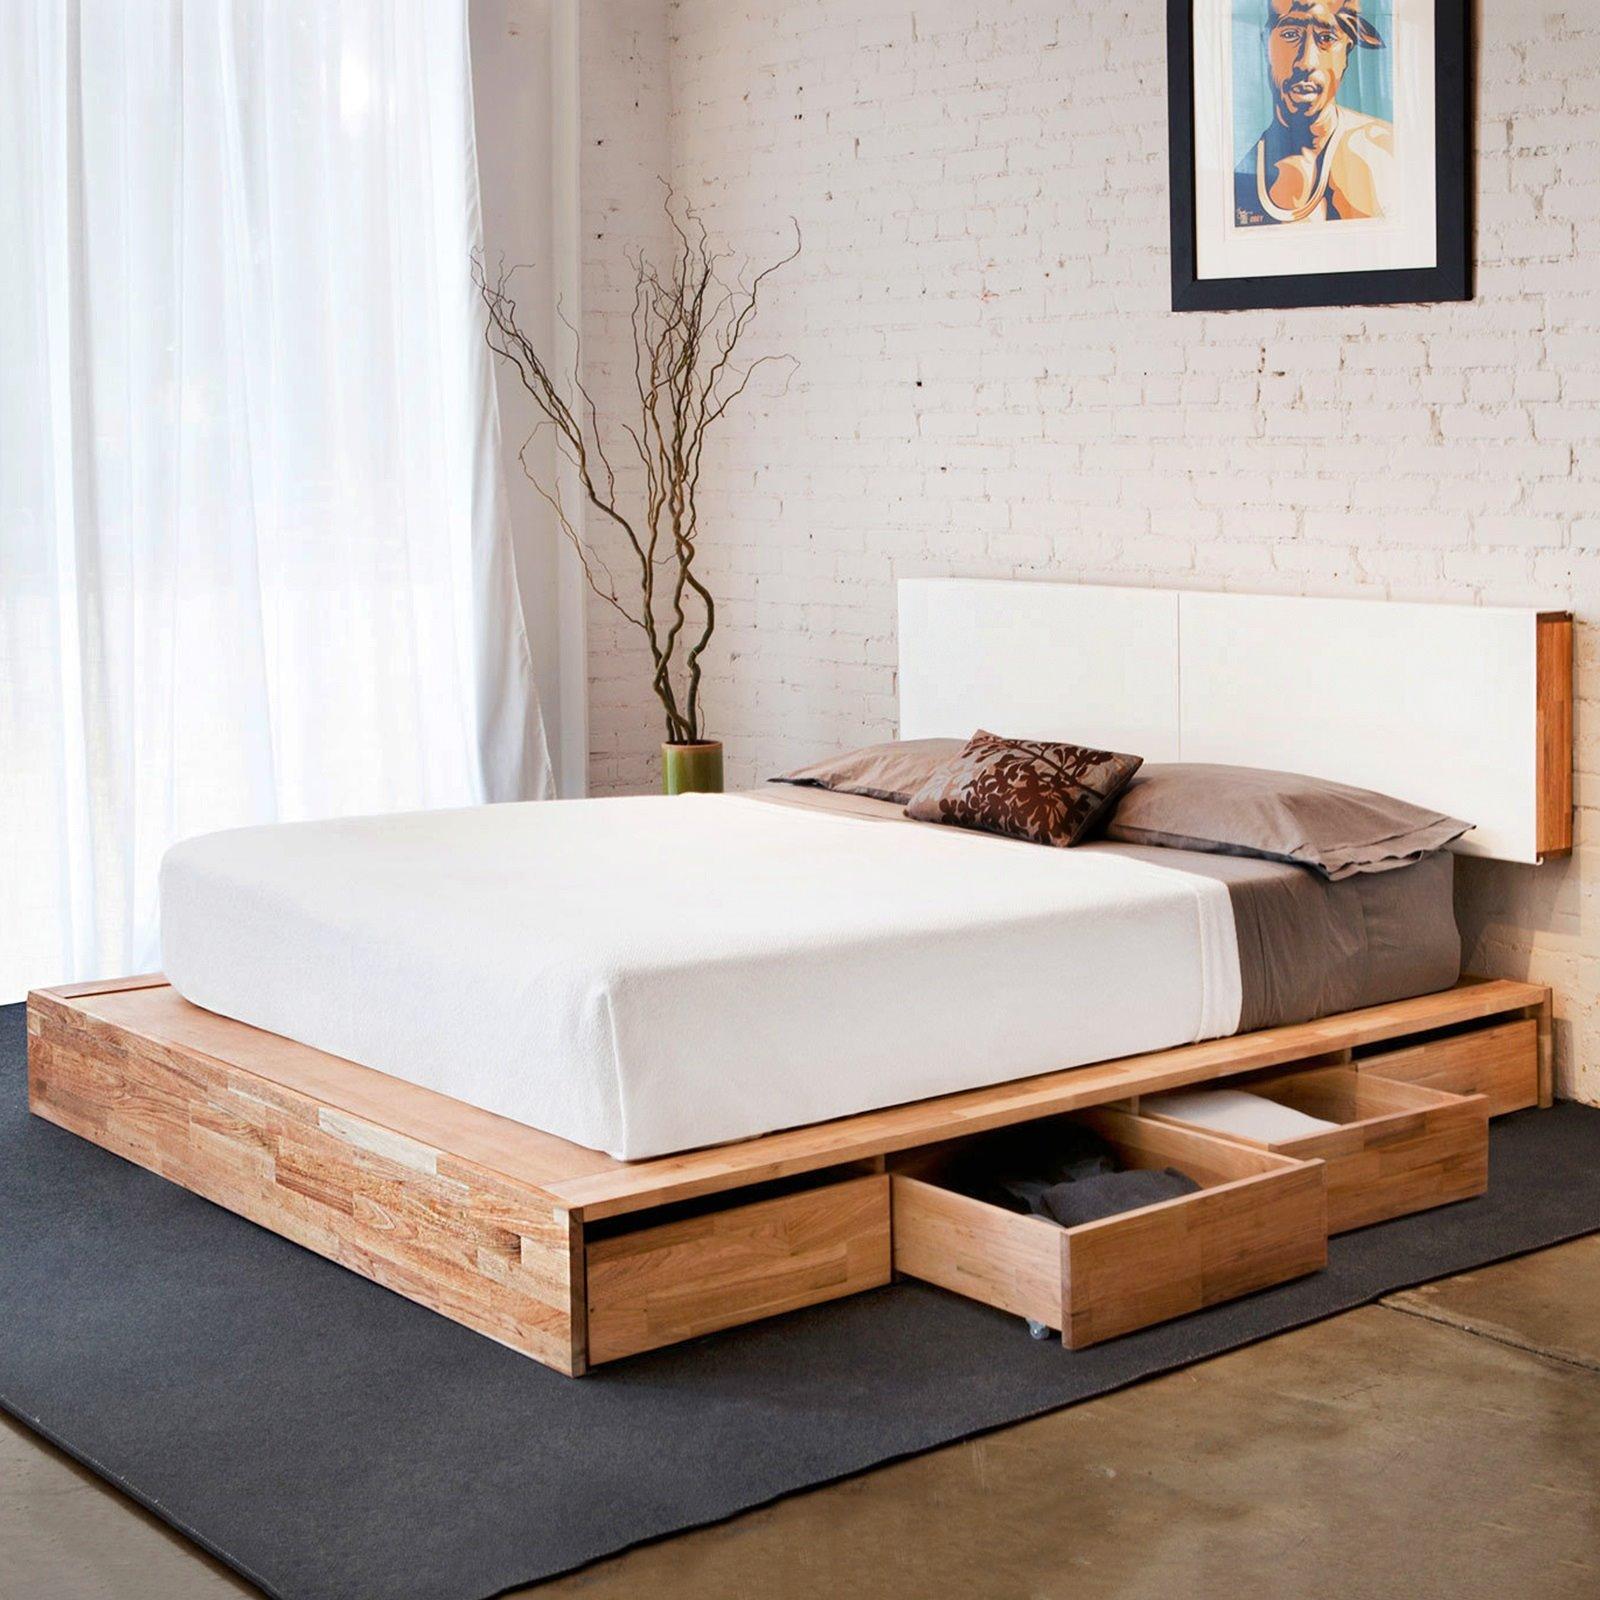 Кровать-подиум (6)